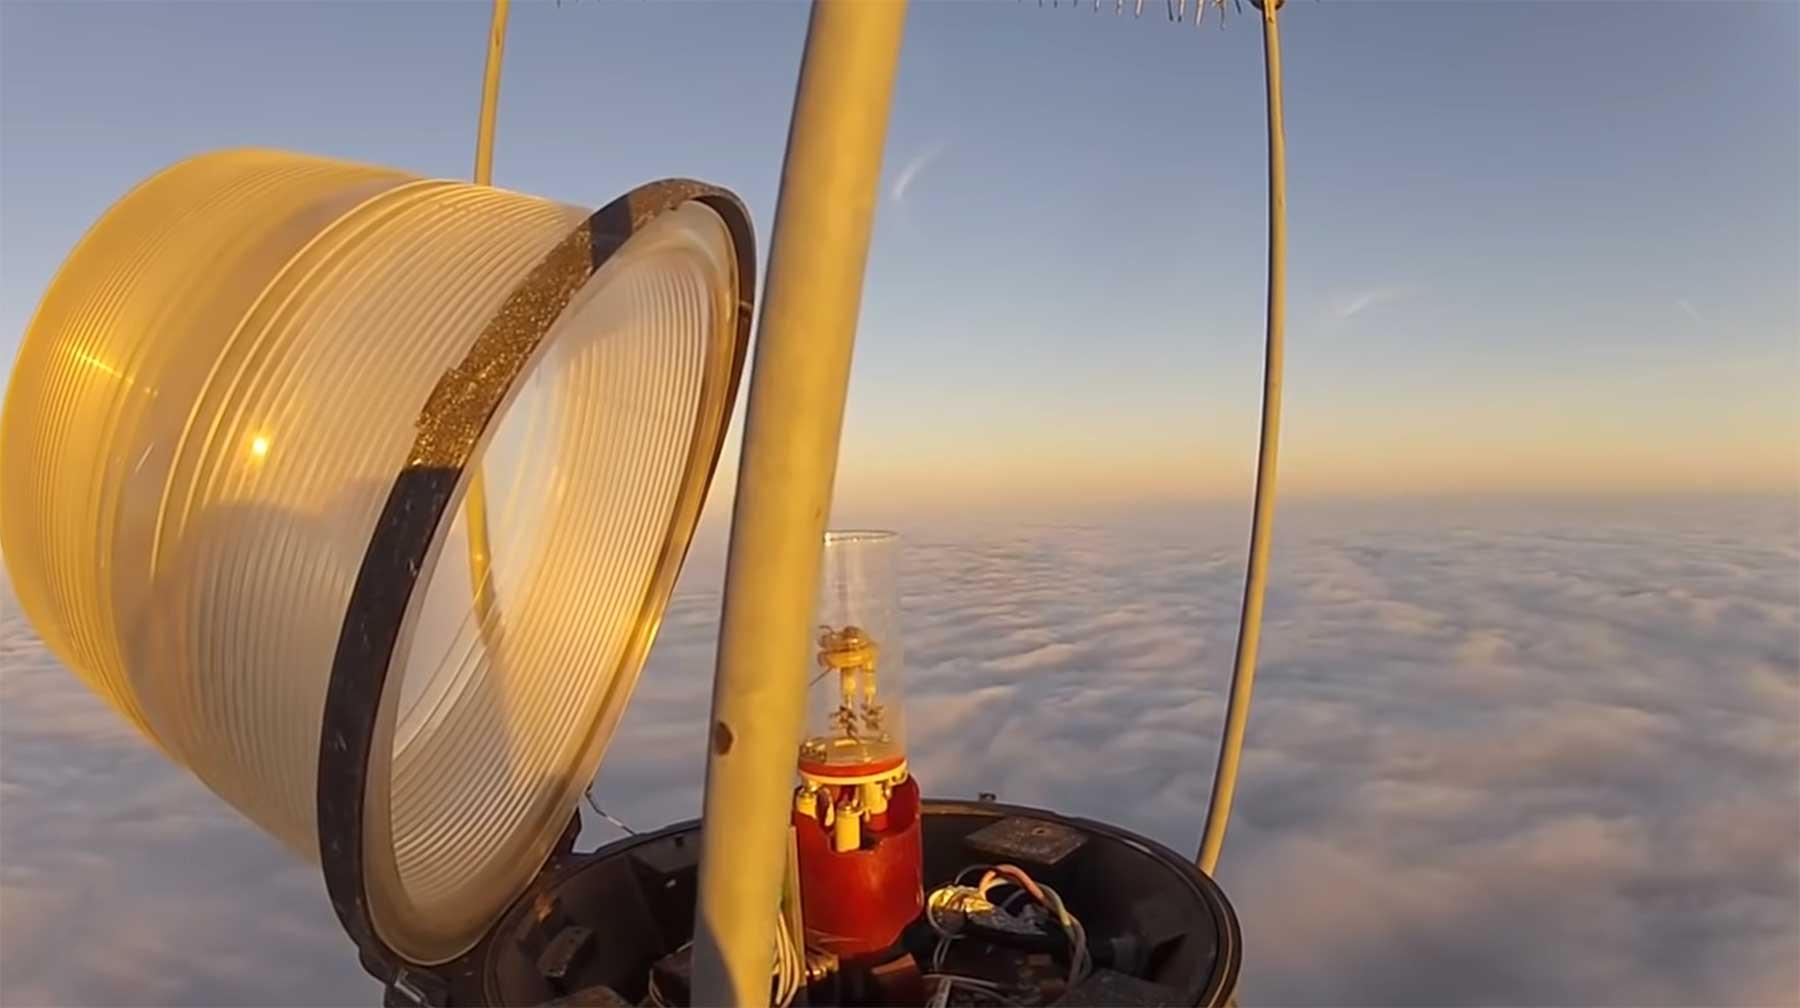 Eine Glühbirne auf einem 610 Meter hohen Turm auswechseln